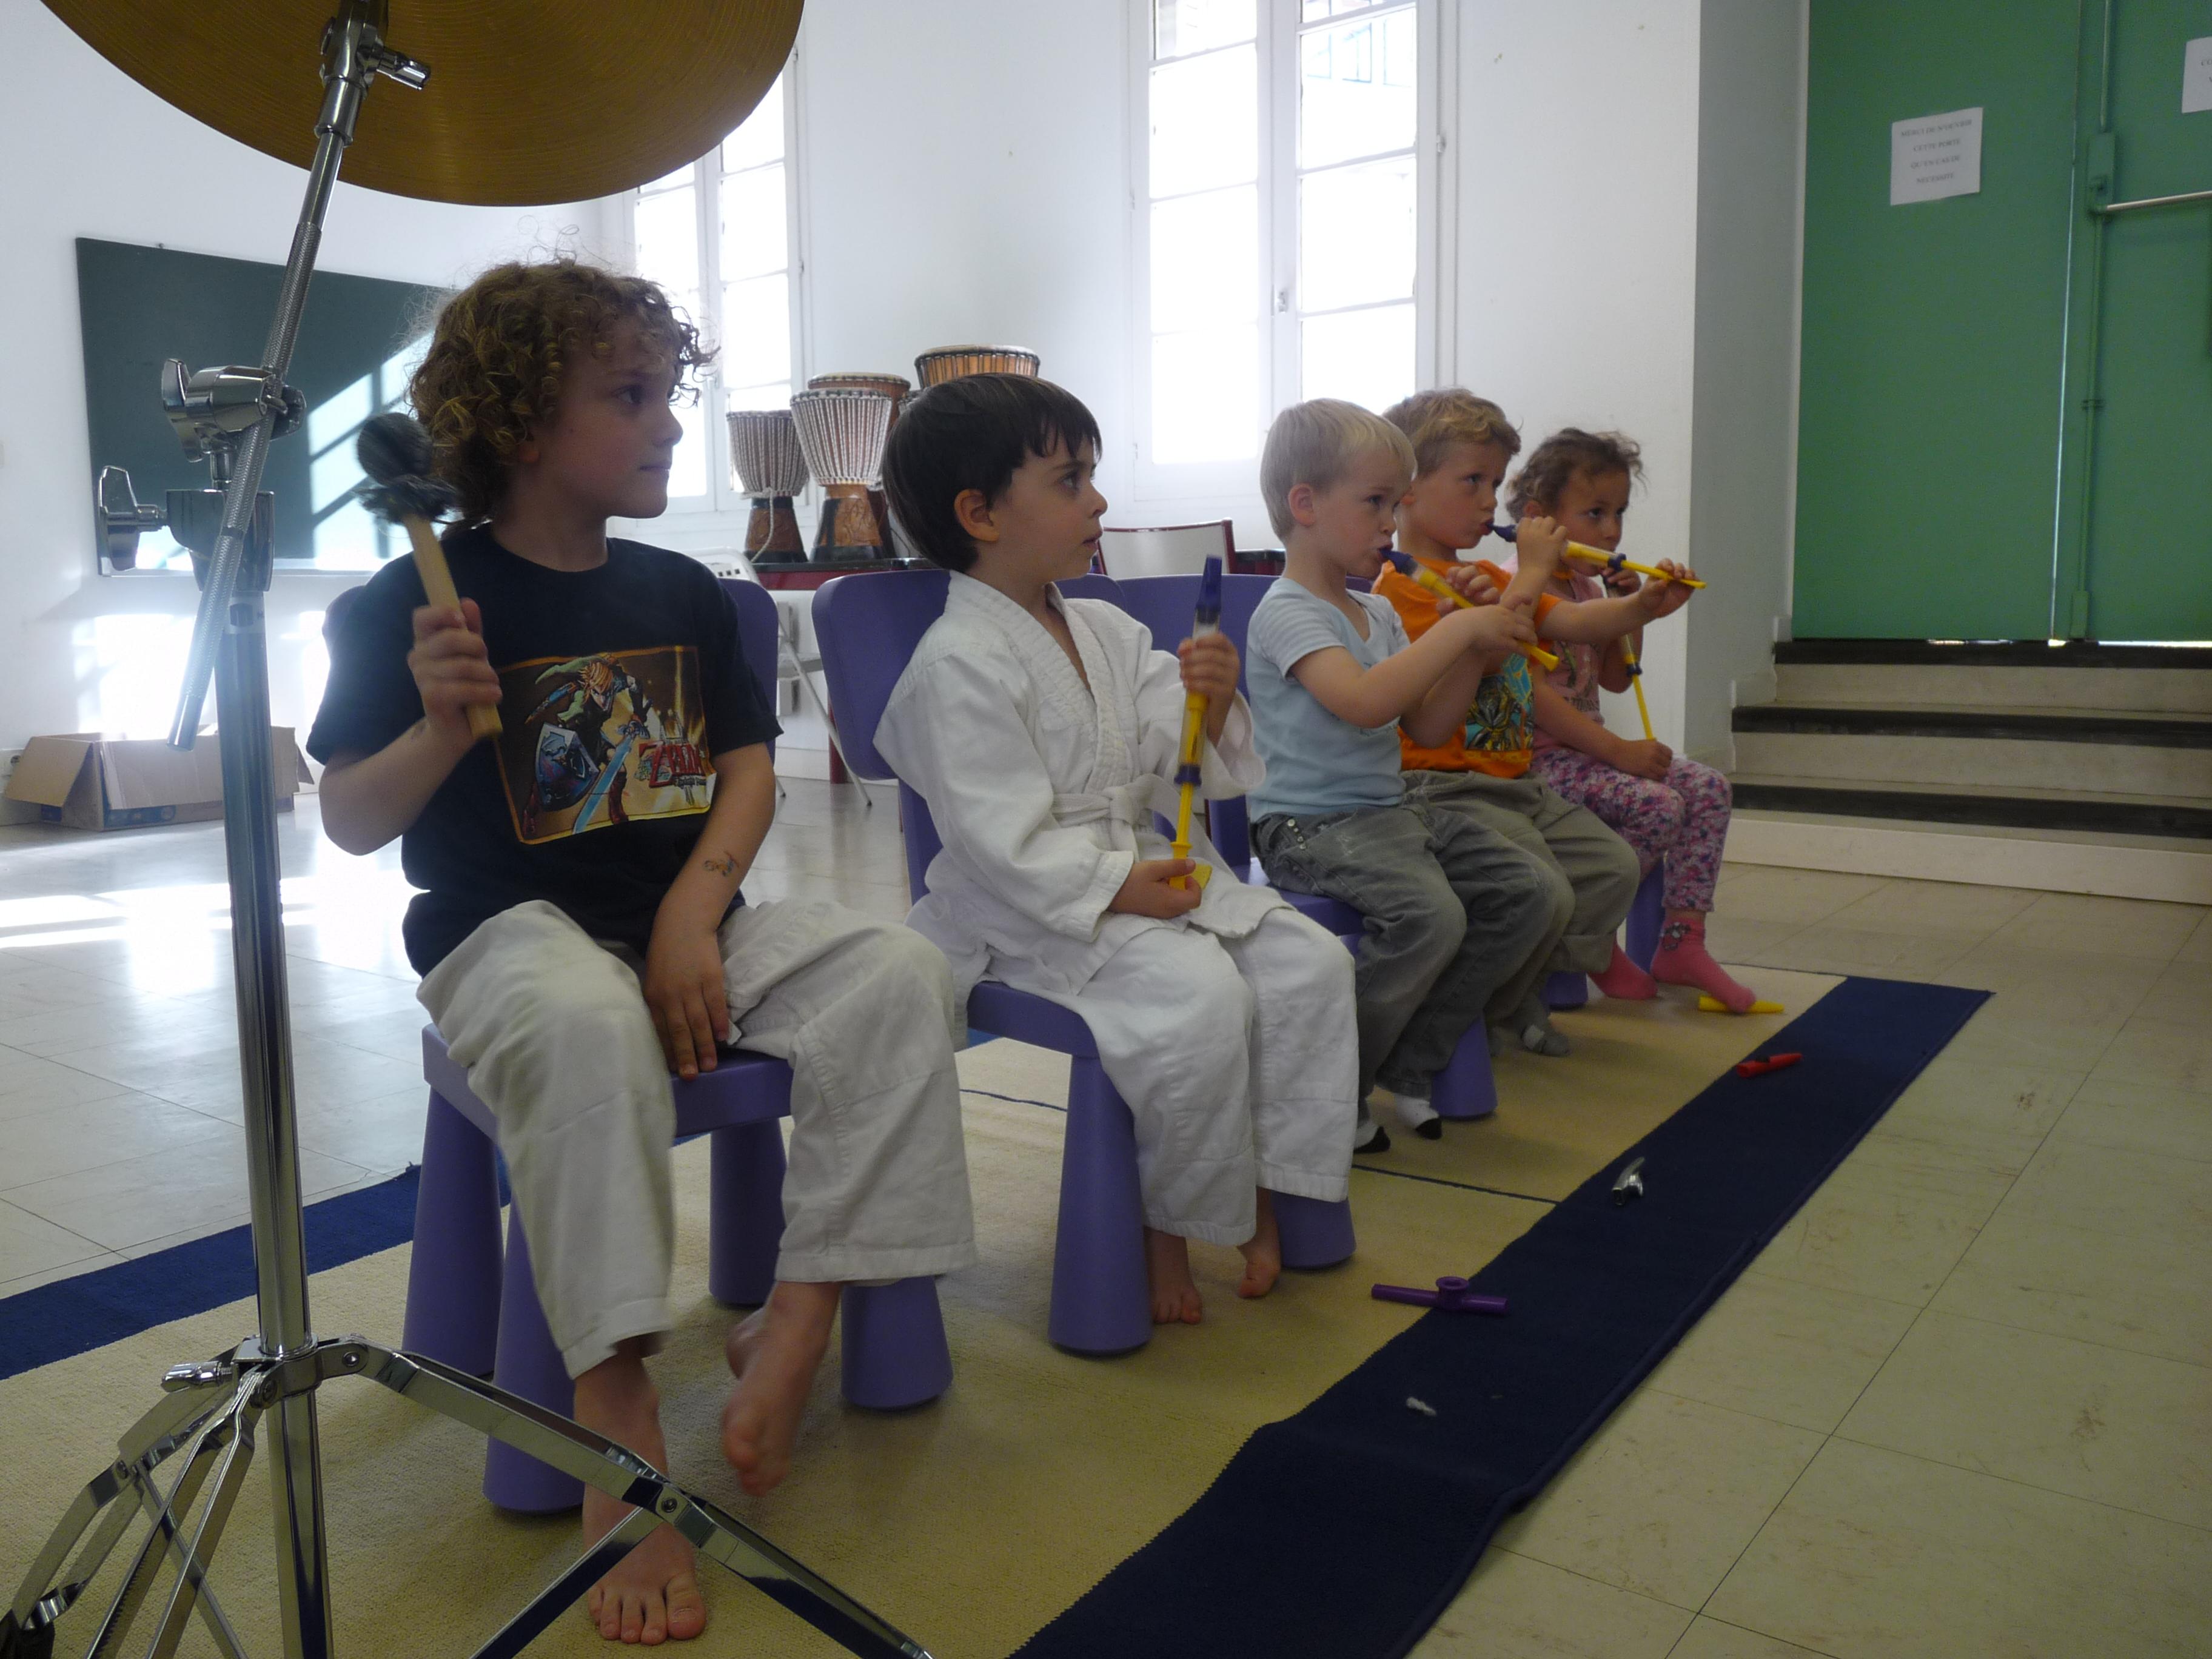 Ecole municipale de musique site officiel de la ville - Piscine municipale de bonnevoie toulon ...